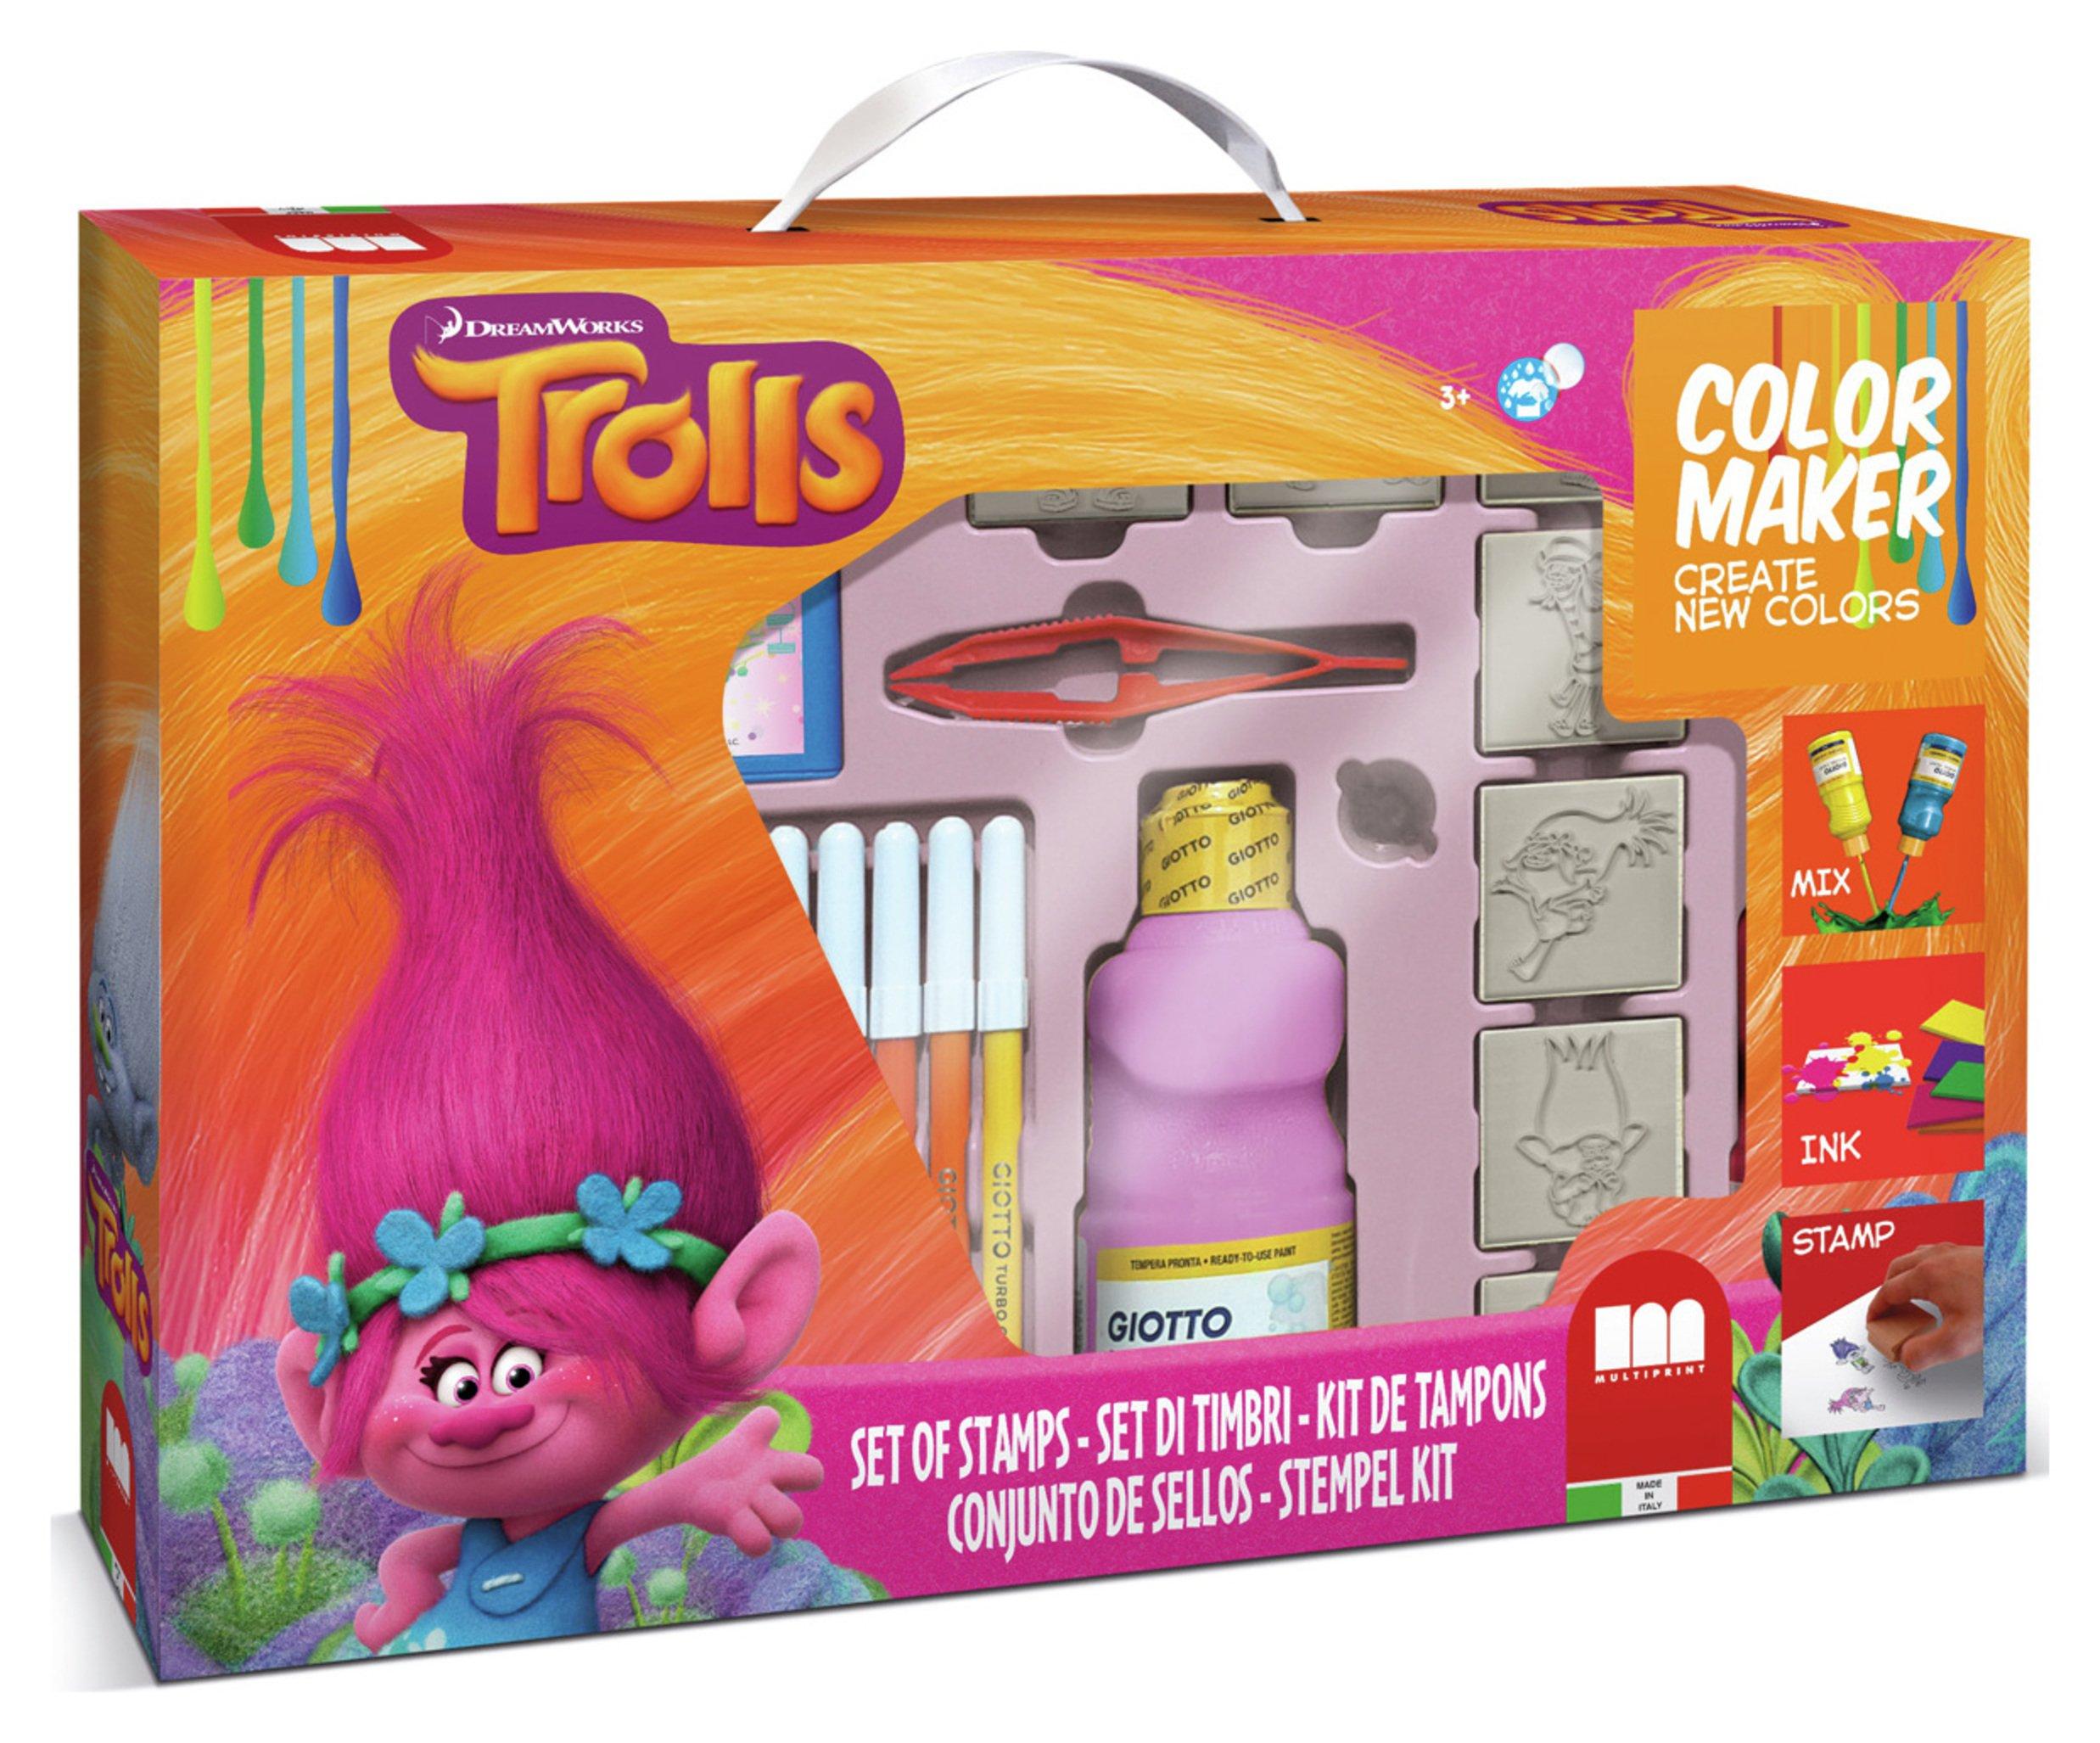 Trolls Colour Maker Ink Stamper Set. review